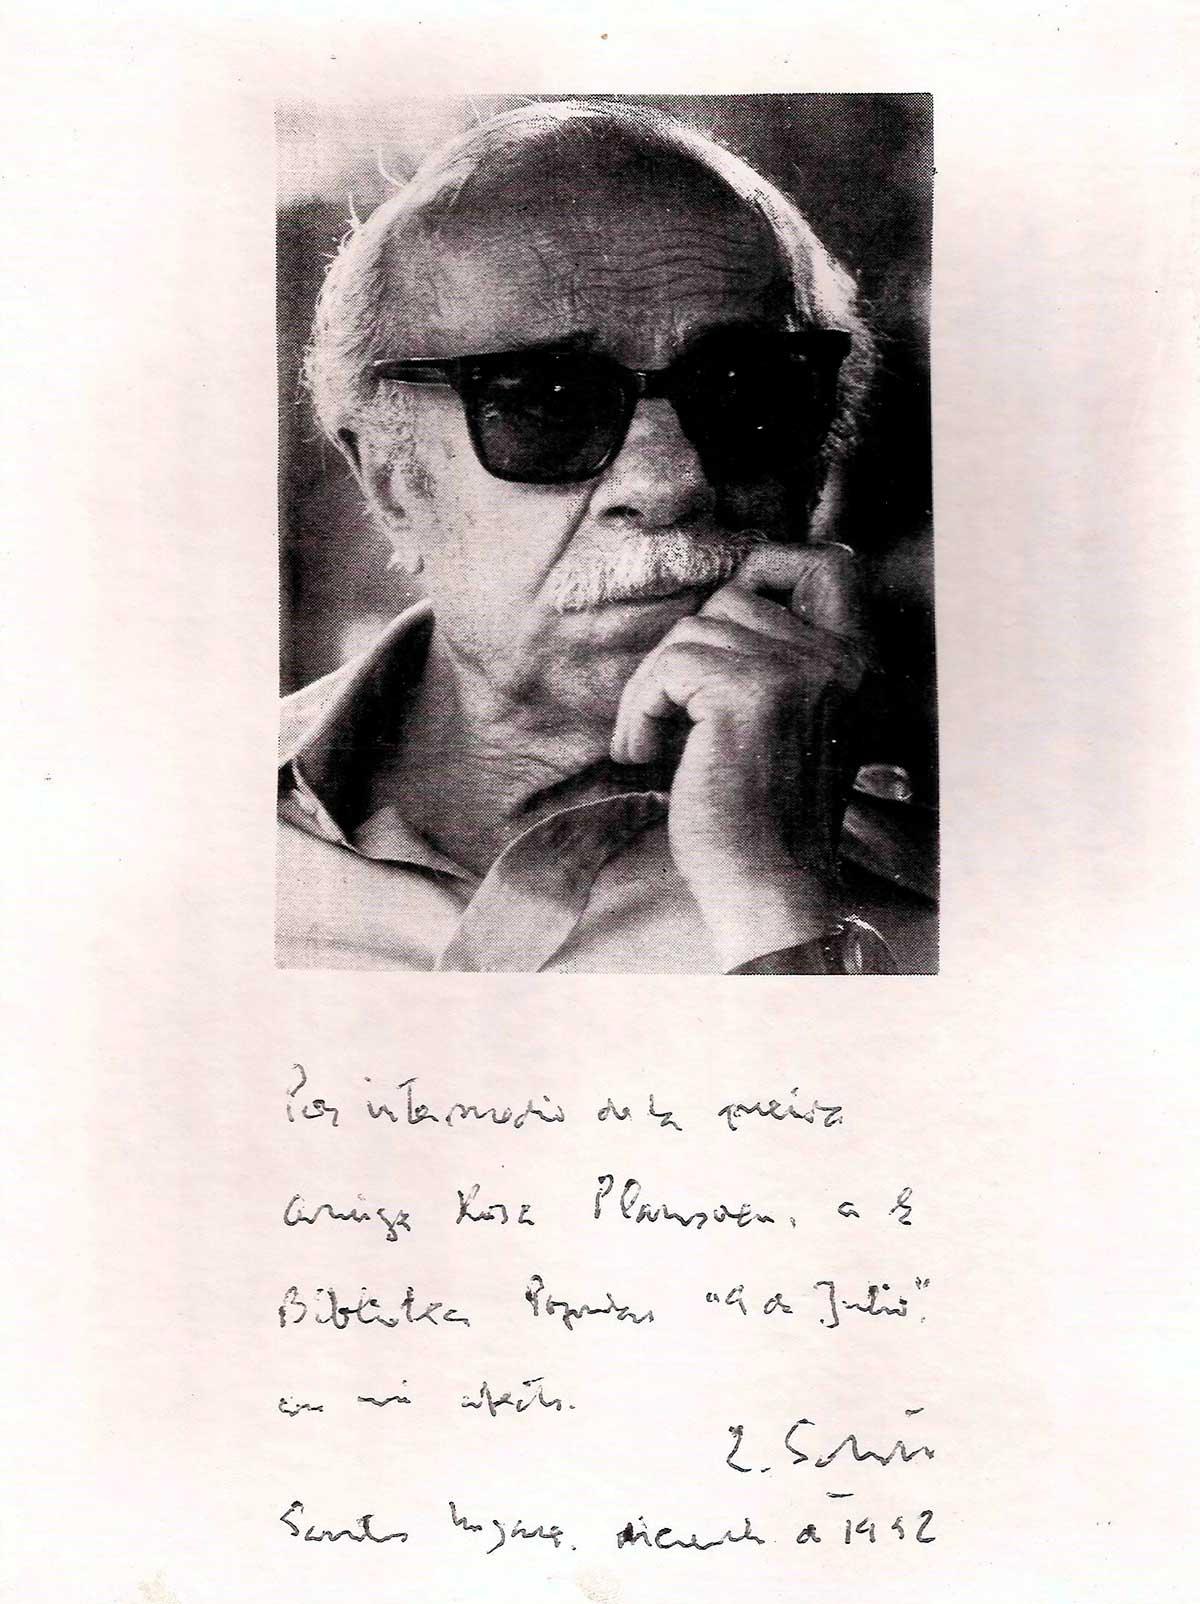 Fotografía autografiada que se conserva enmarcada en la Biblioteca Popular 9 de Julio.